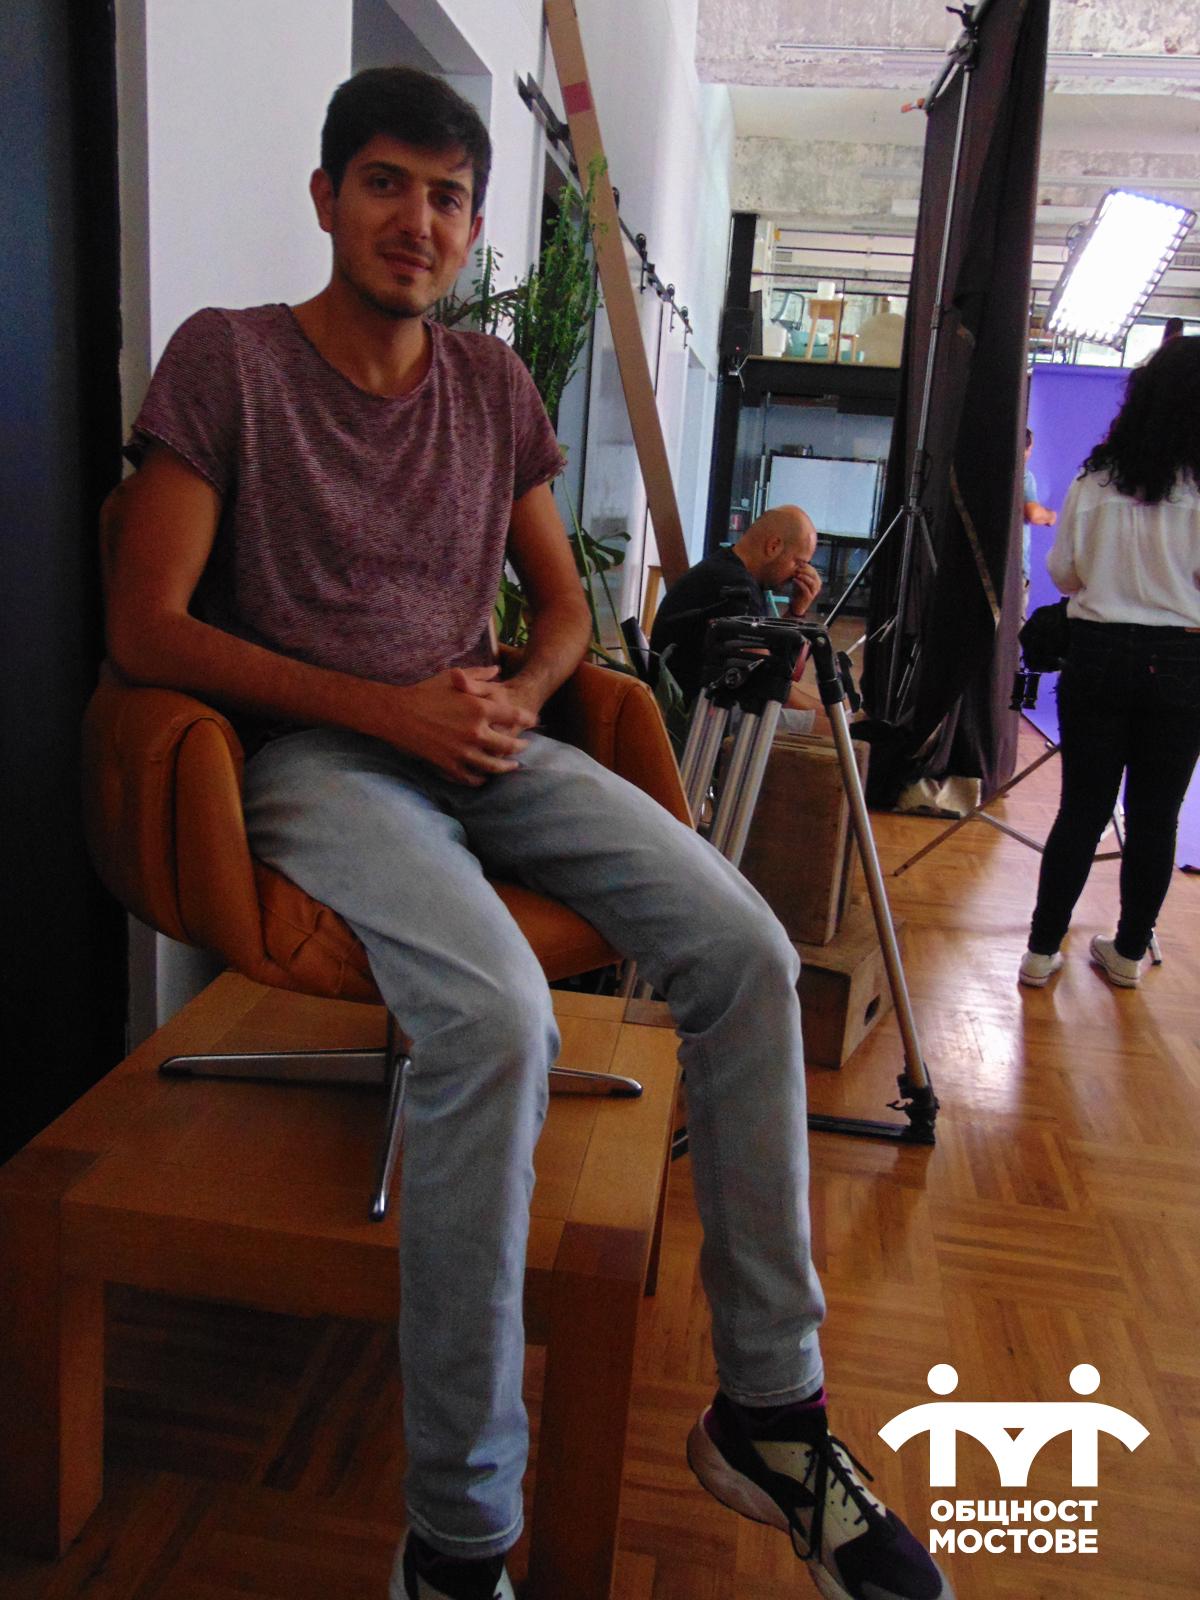 Кадър от снимачния ден и част от екипа. На преден план режисьорът Еди Шварц, седнал за кратка почивка.